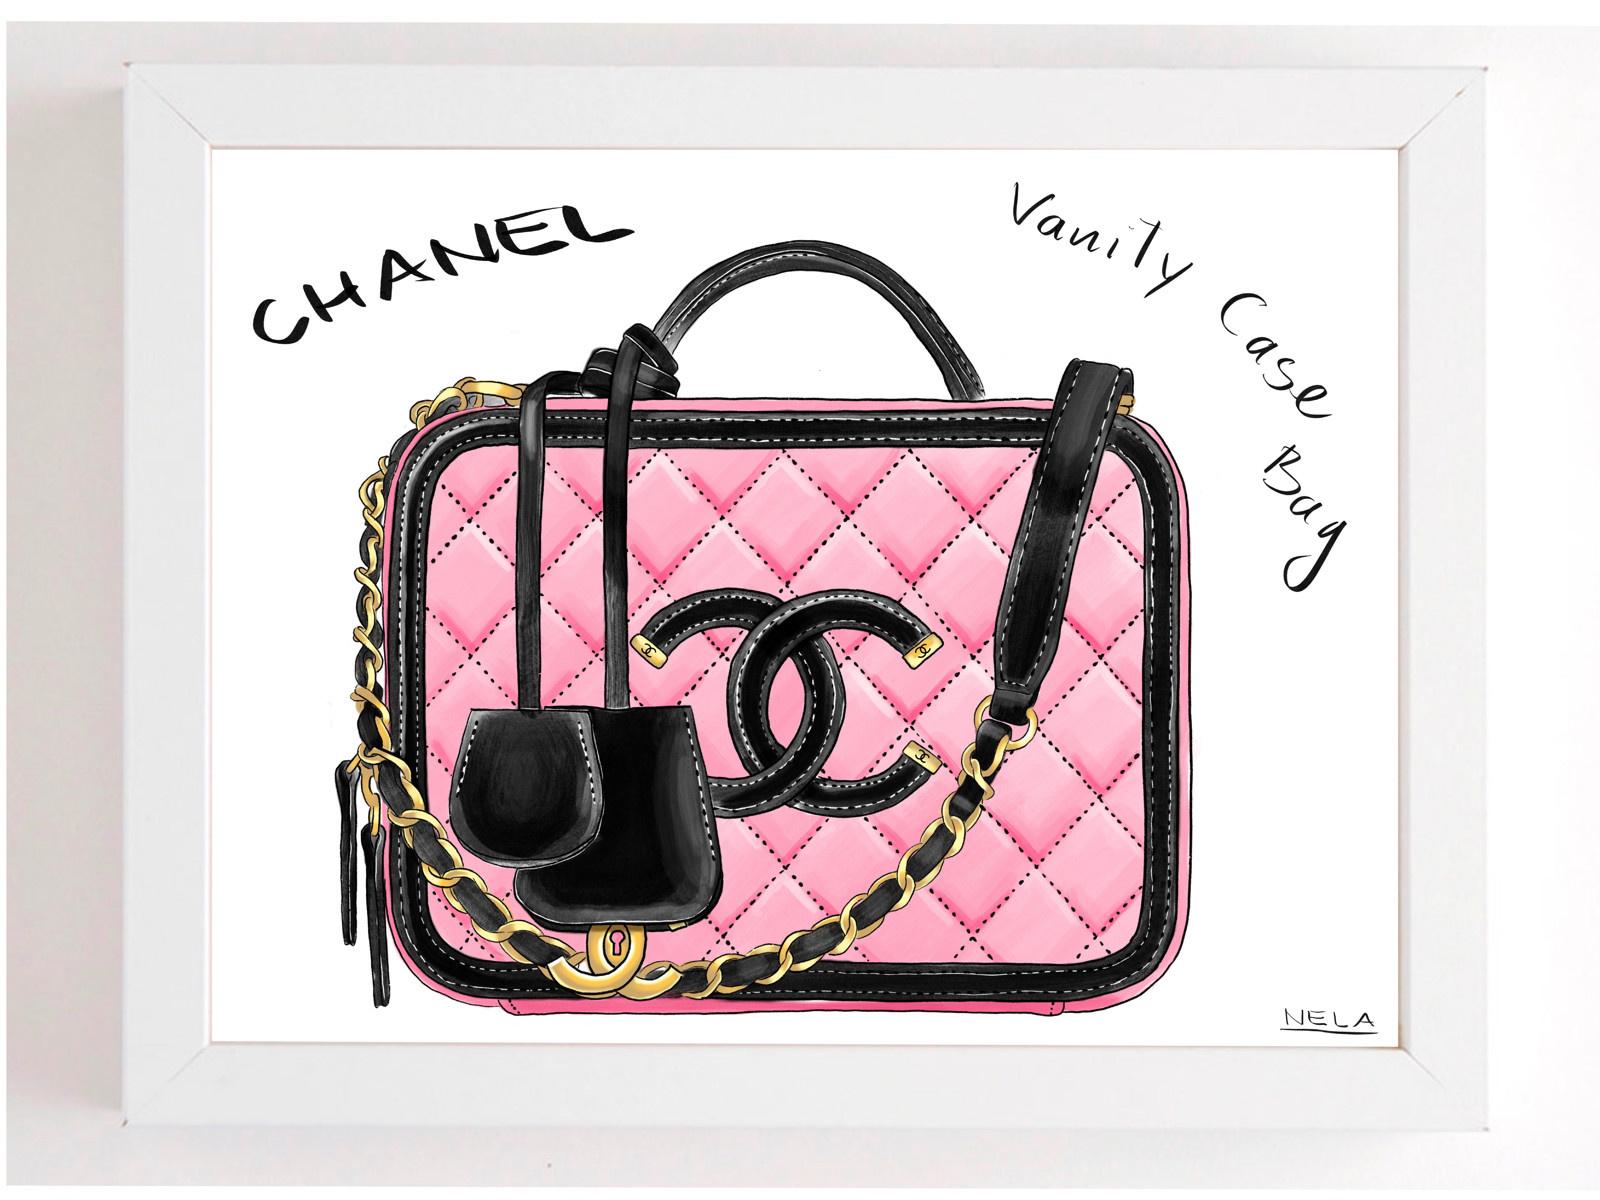 Obraz Kabelka Chanel Vanity Case Zboží Prodejce Nelala Flercz